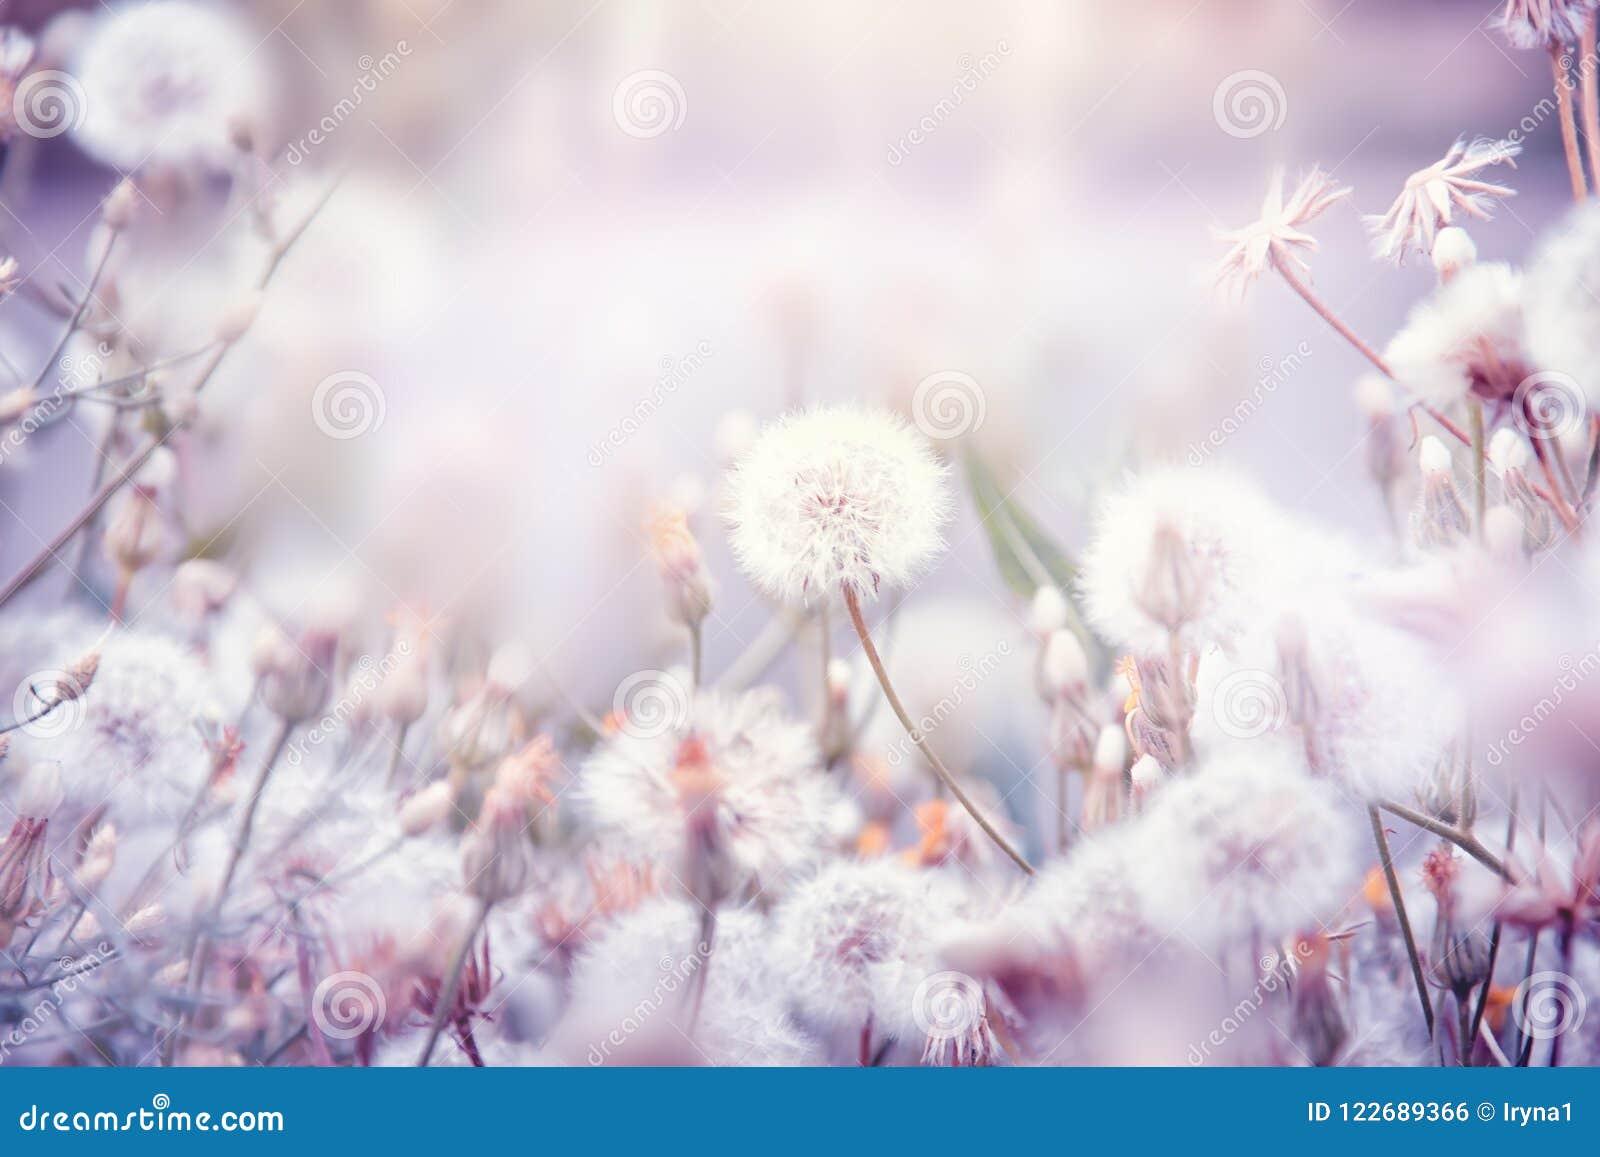 Schöner Blumenhintergrund mit Löwenzahnblumen